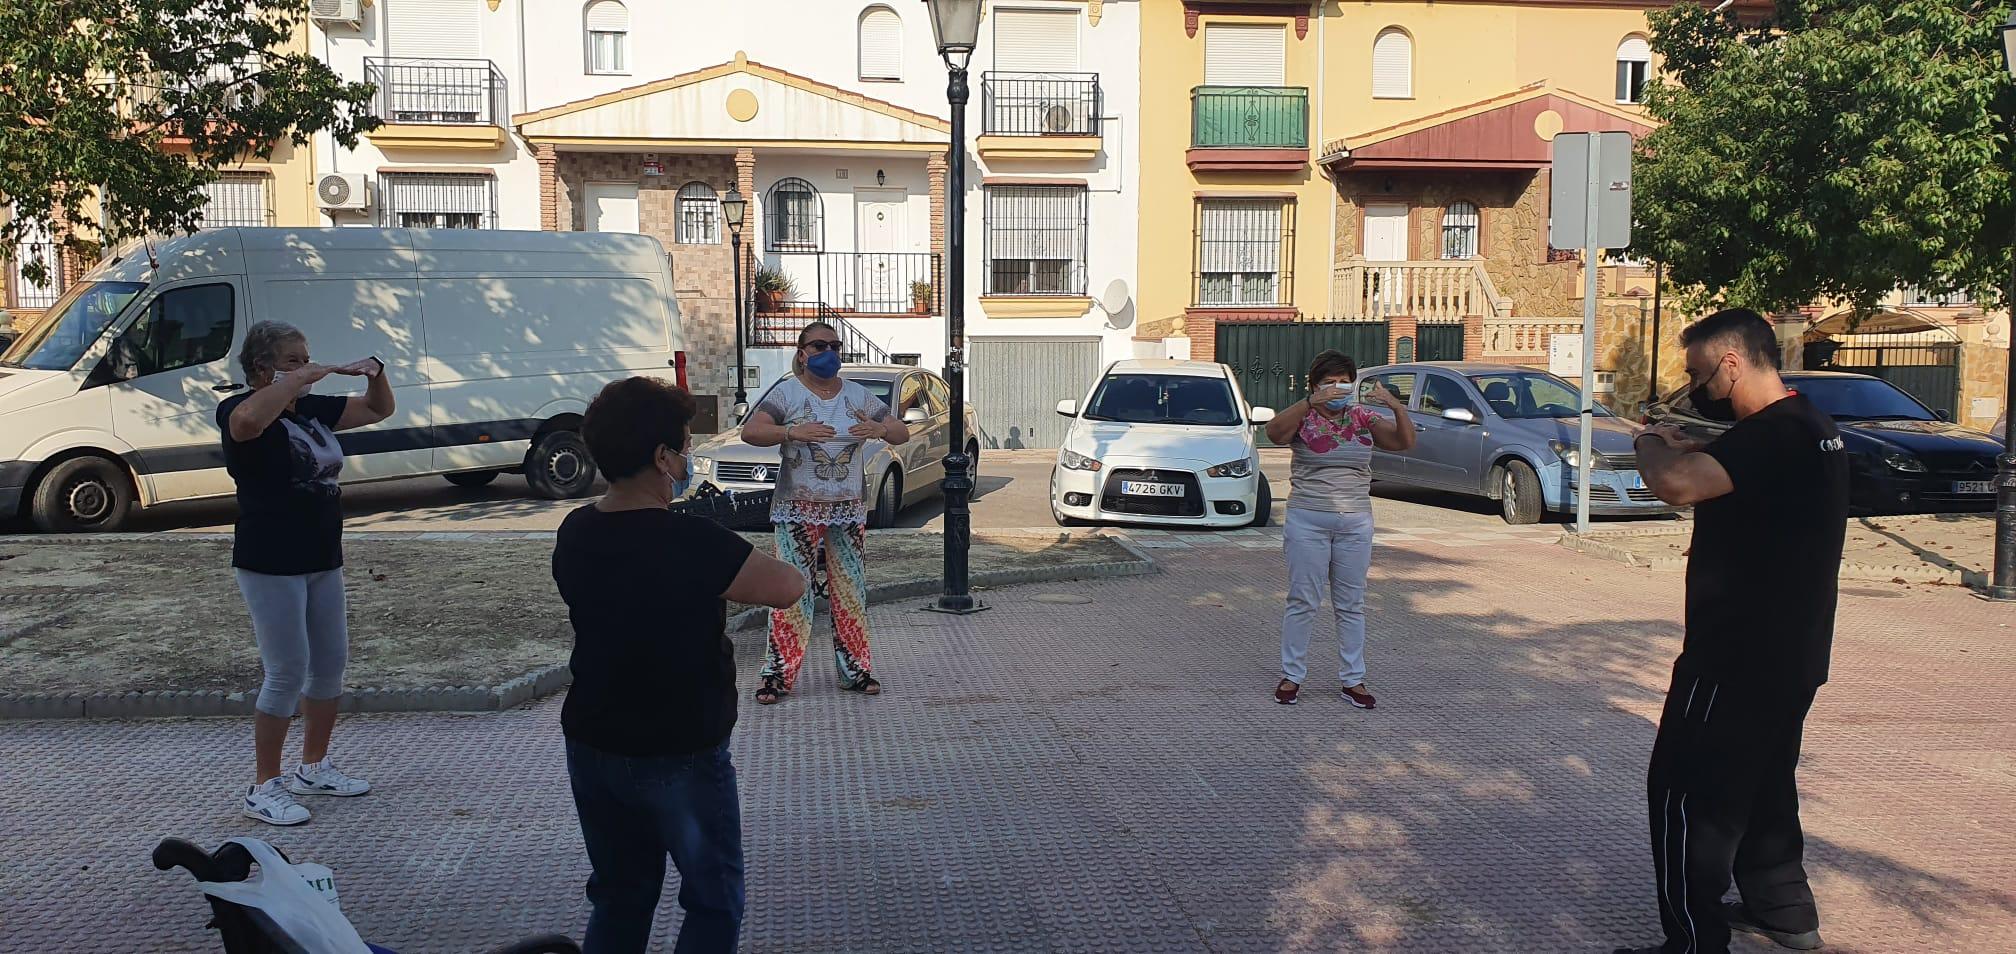 Los vecinos de Cúllar Vega podrán aprender ballet, teatro o 'chikung' en los talleres municipales